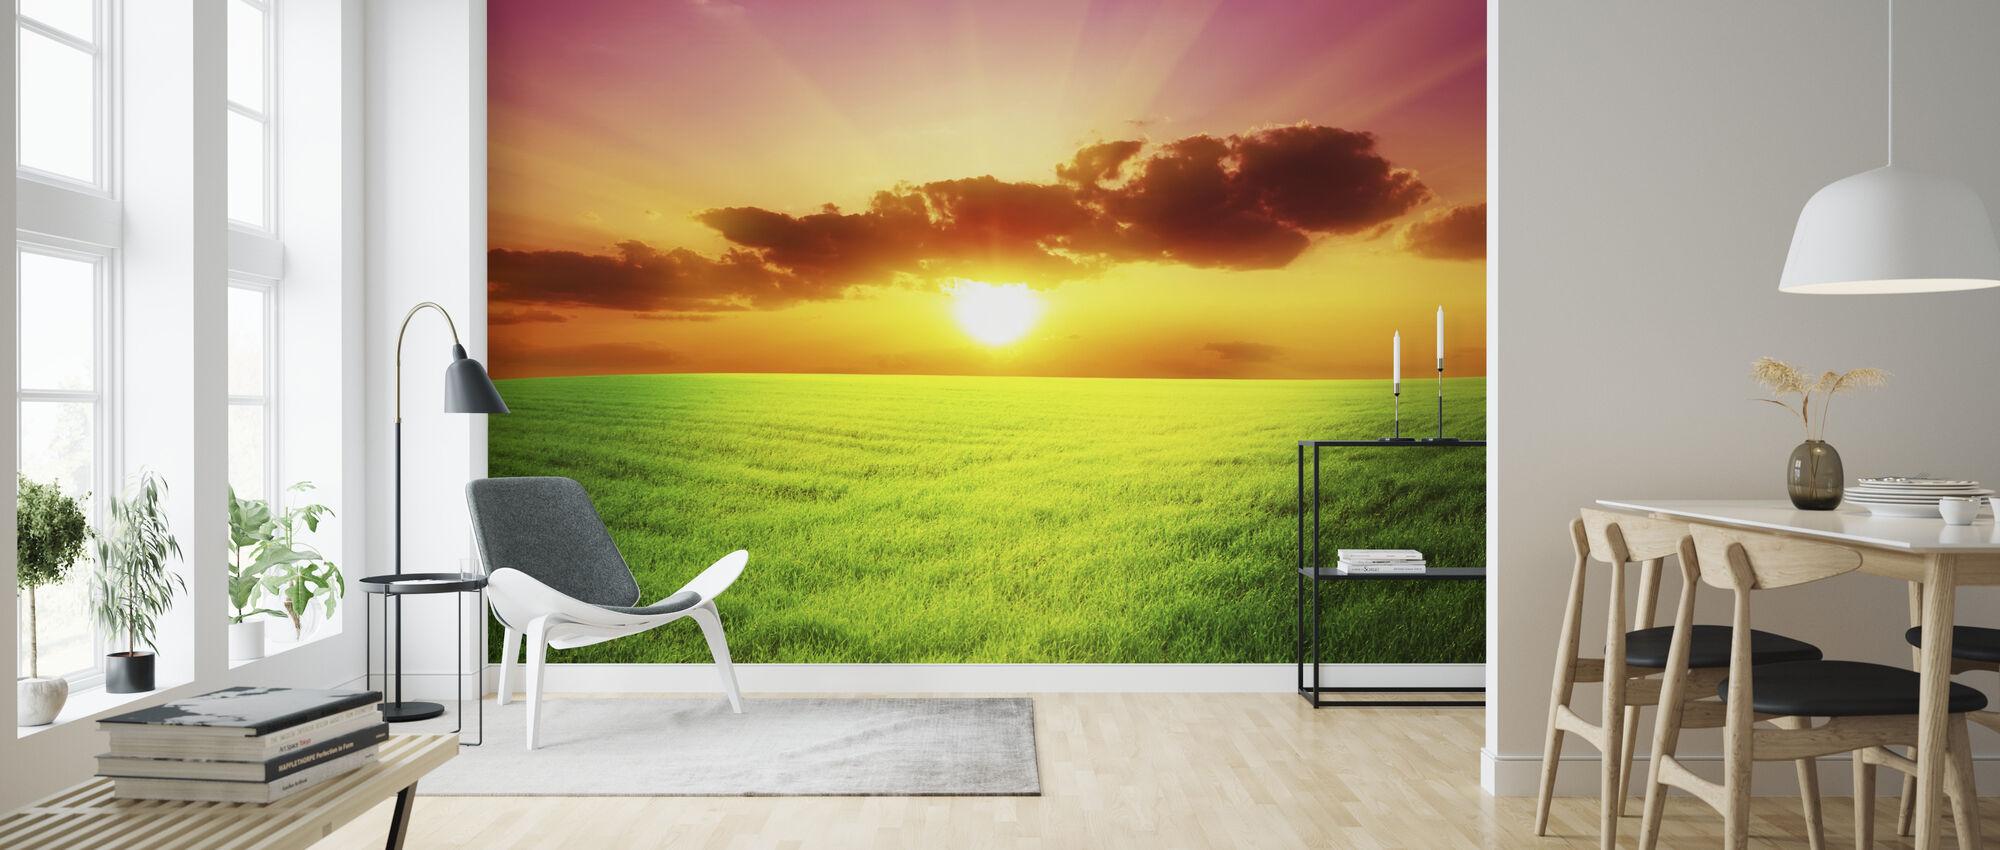 Green Field - Wallpaper - Living Room